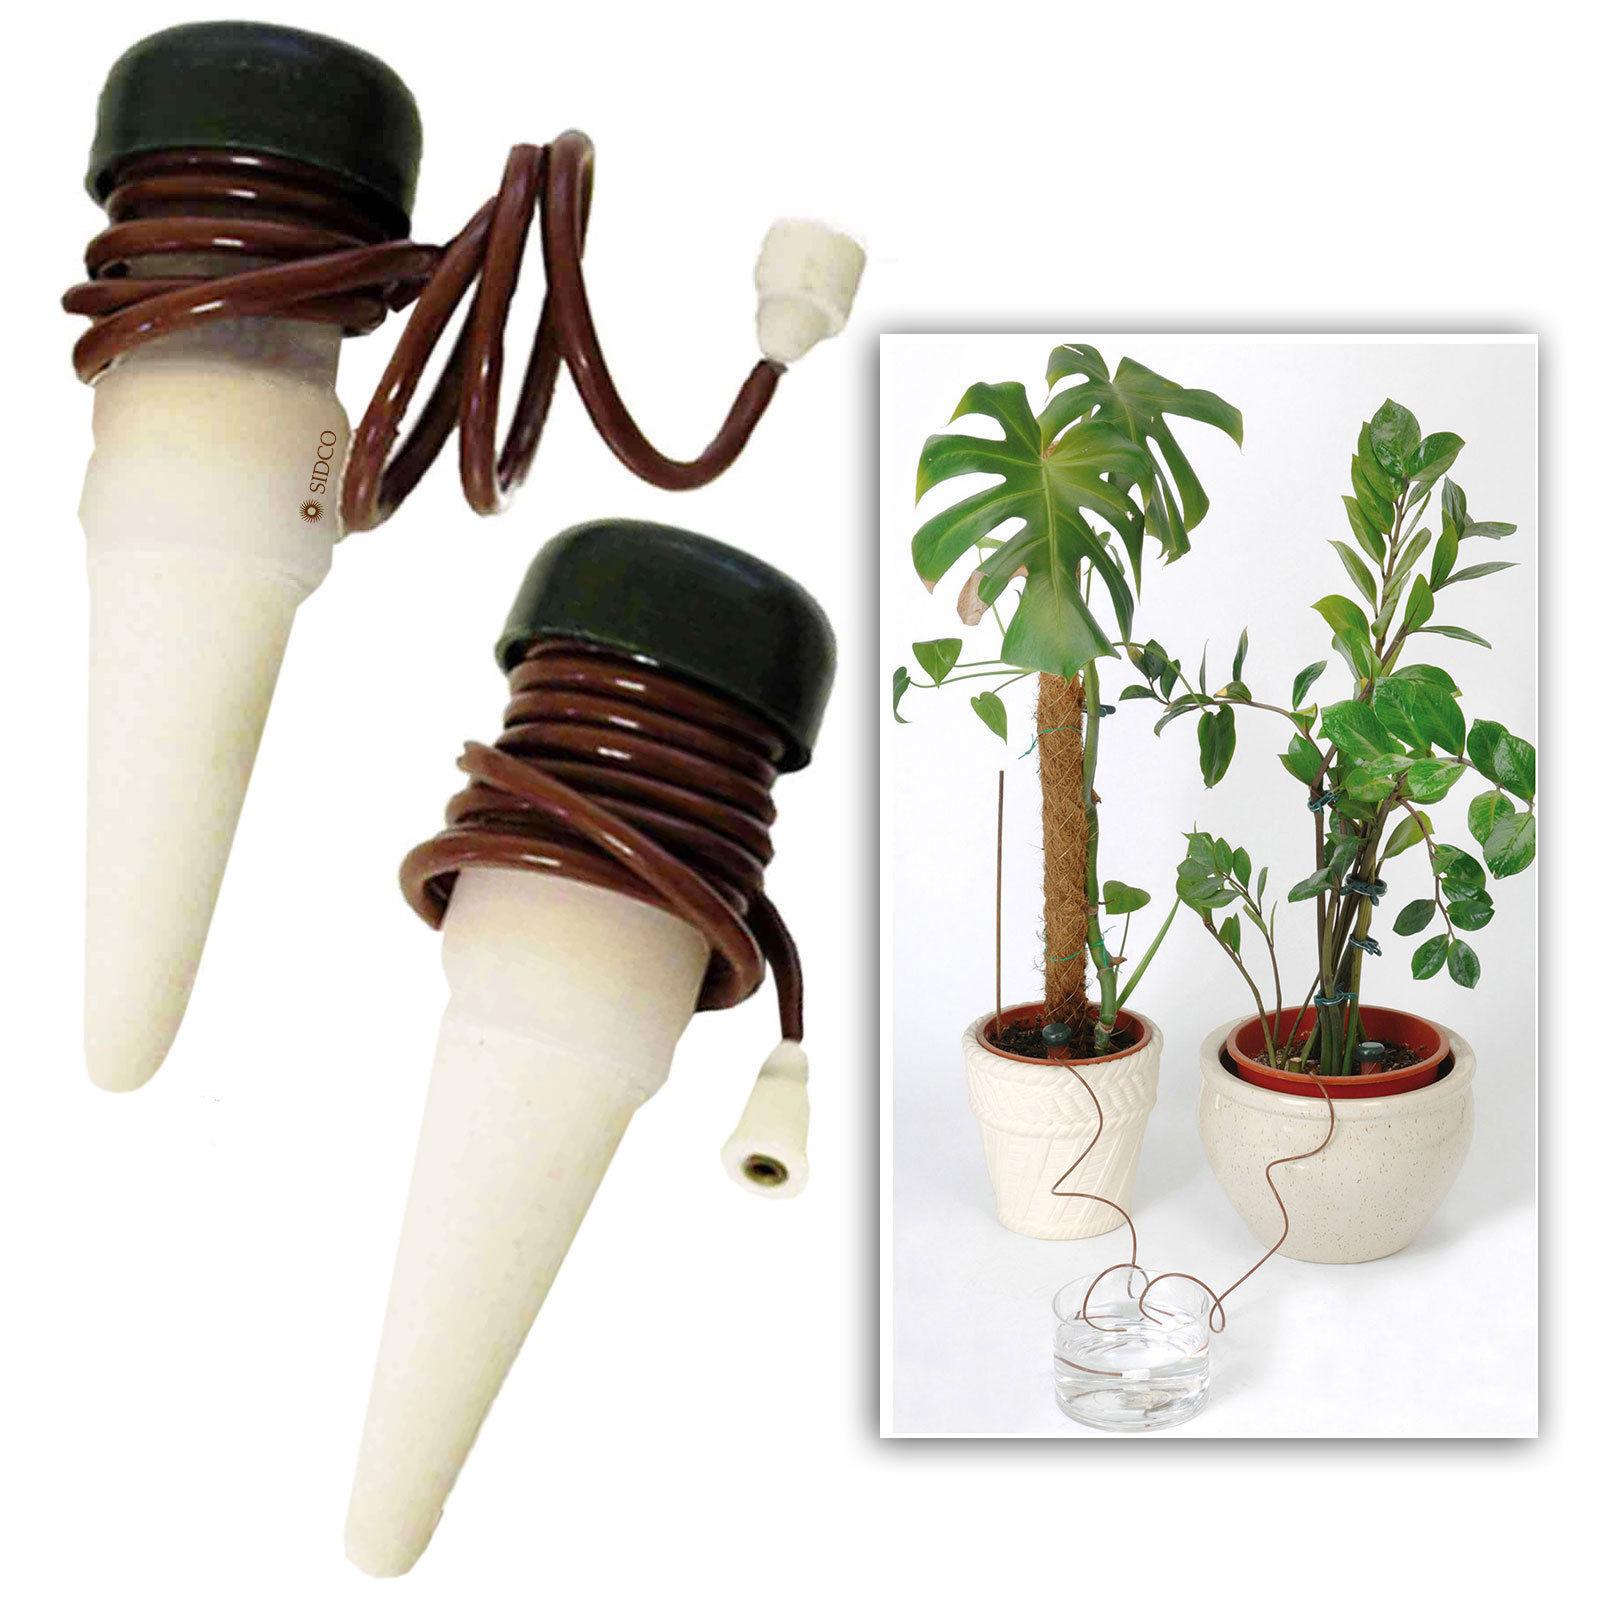 10 x bewässerung für pflanzen bewässerungssystem wasserspender